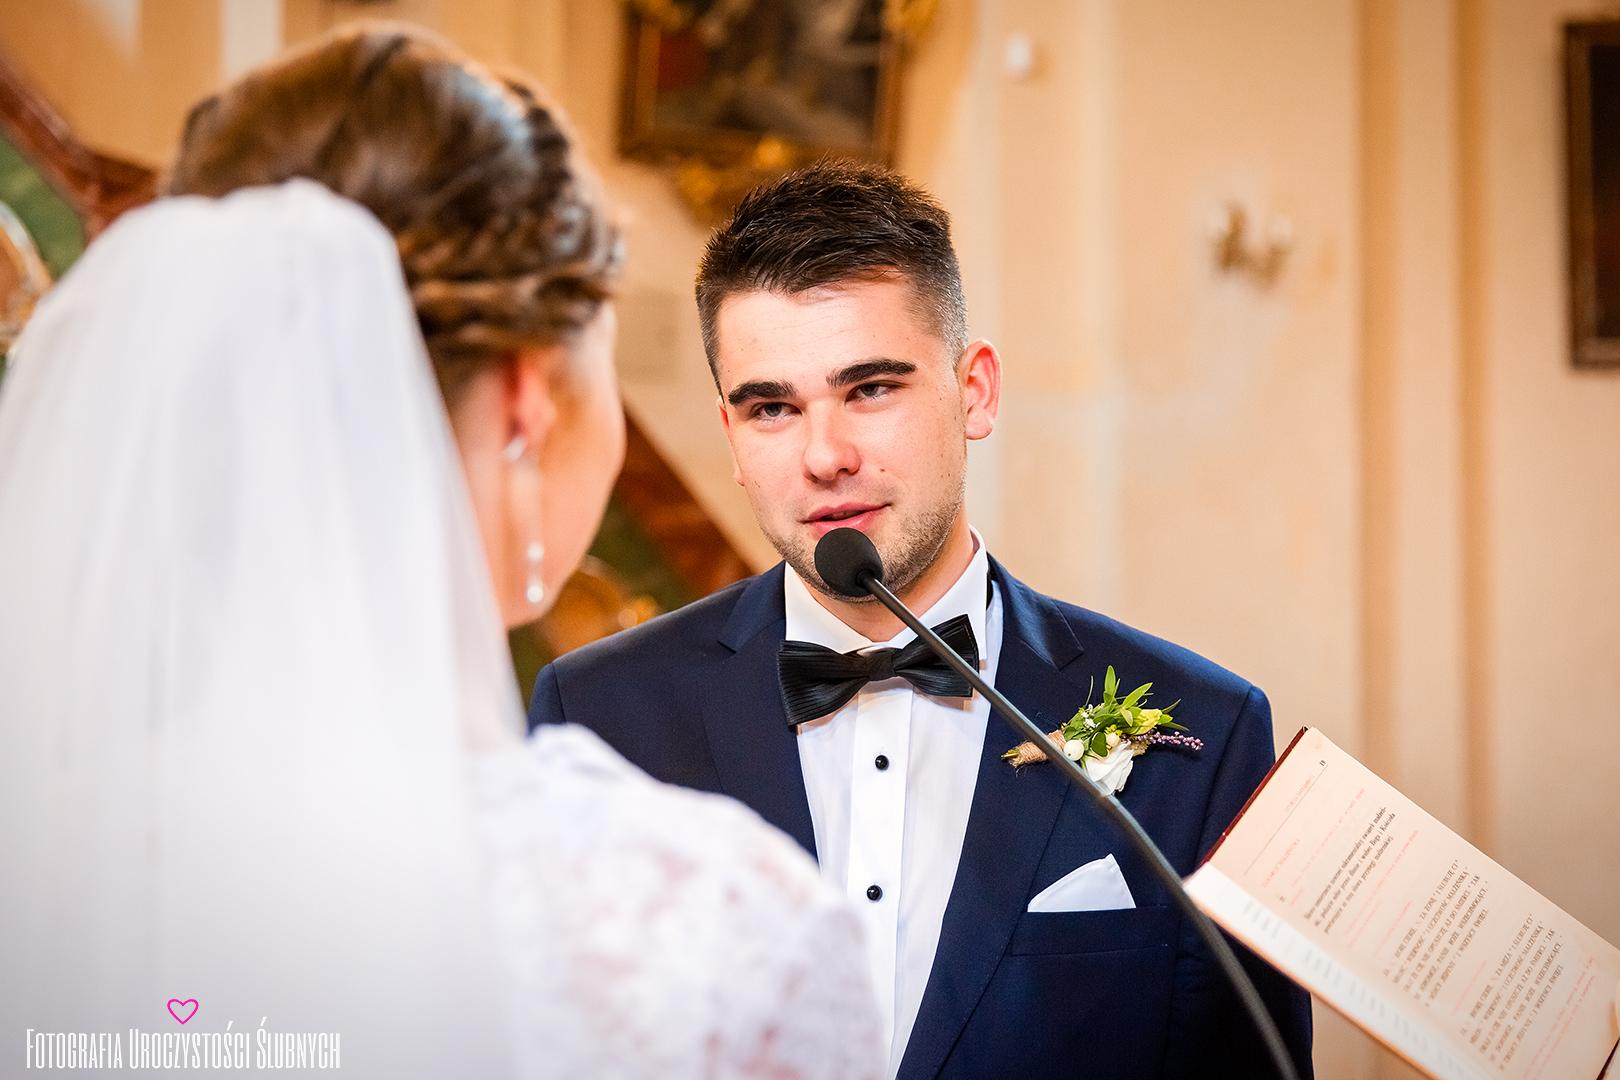 Profesjonalna i artystyczna fotografia ślubna, reportaże, sesje plenerowe. Zdjęcia ślubne Jelenia Góra. Zapraszam!